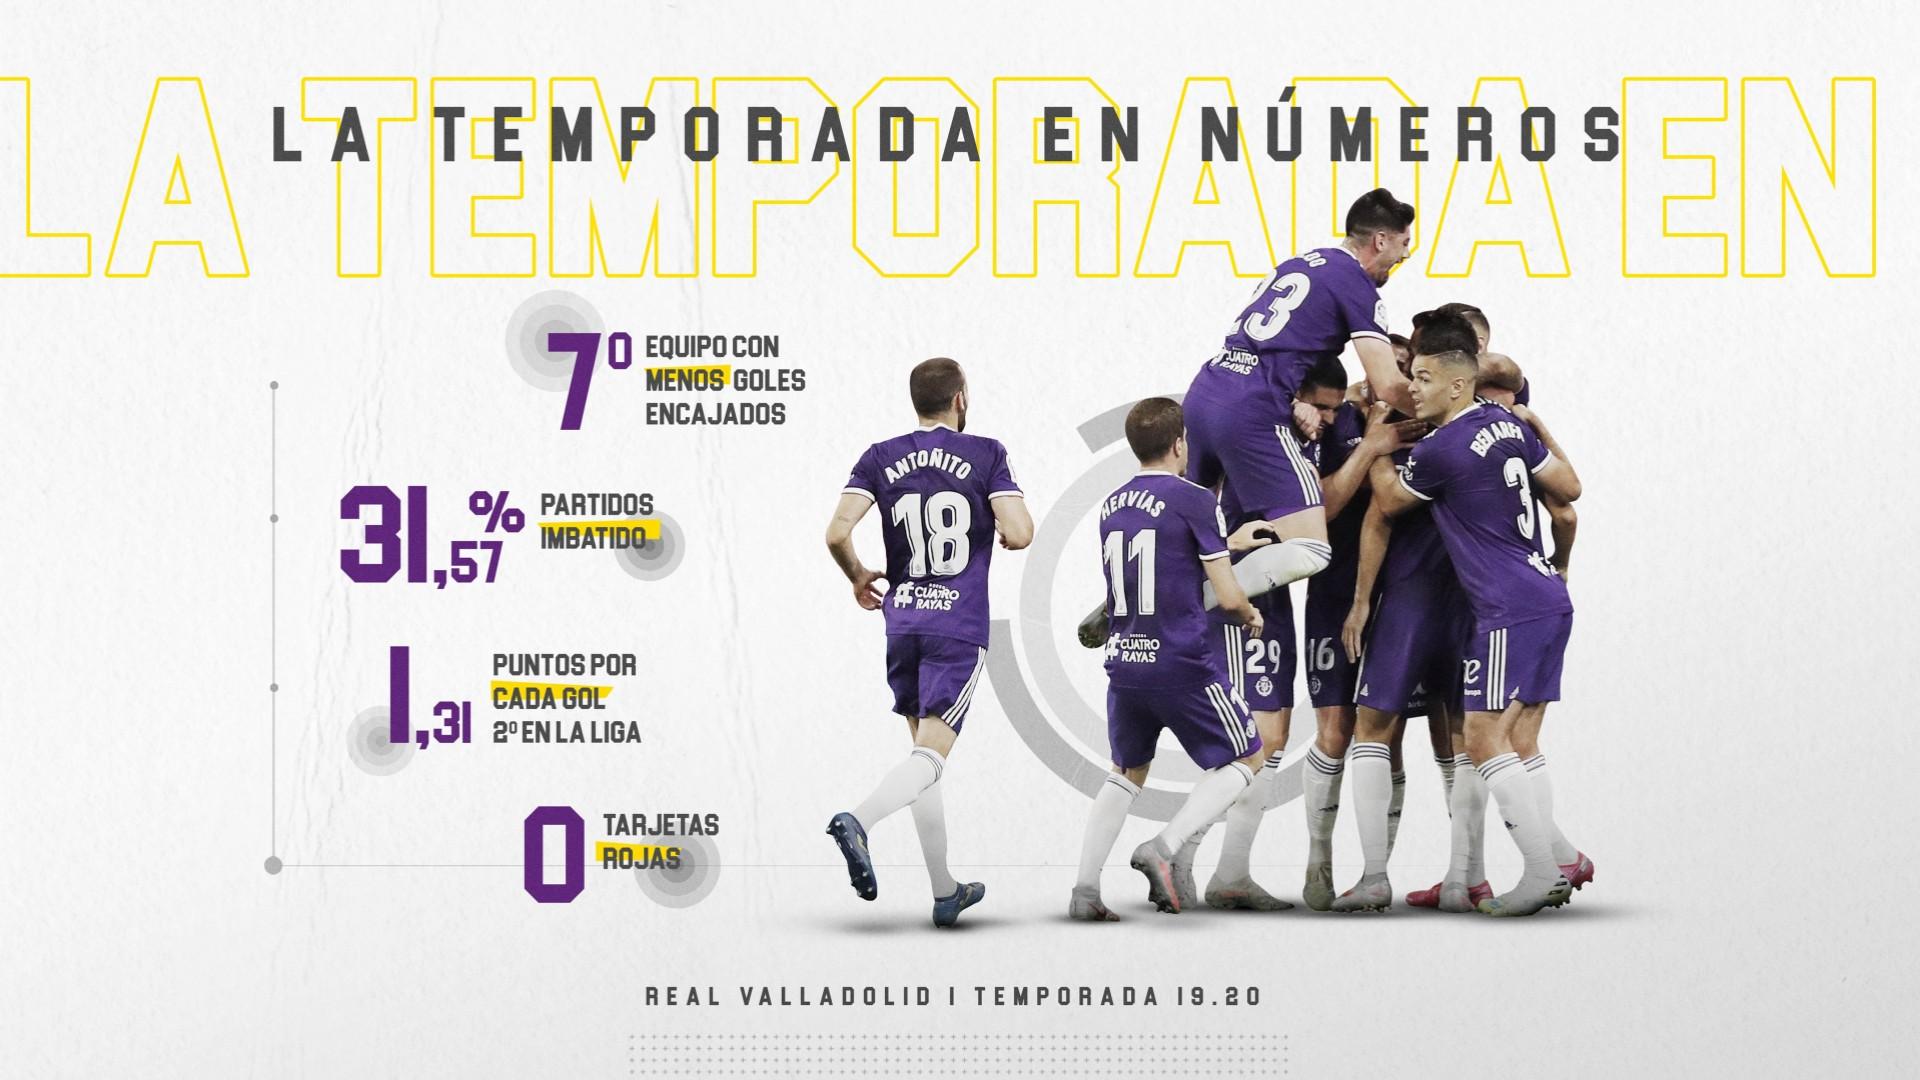 Aupa Pucela!! El topic del Real Valladolid 1920x1080c_20130104estadisticas-equipo